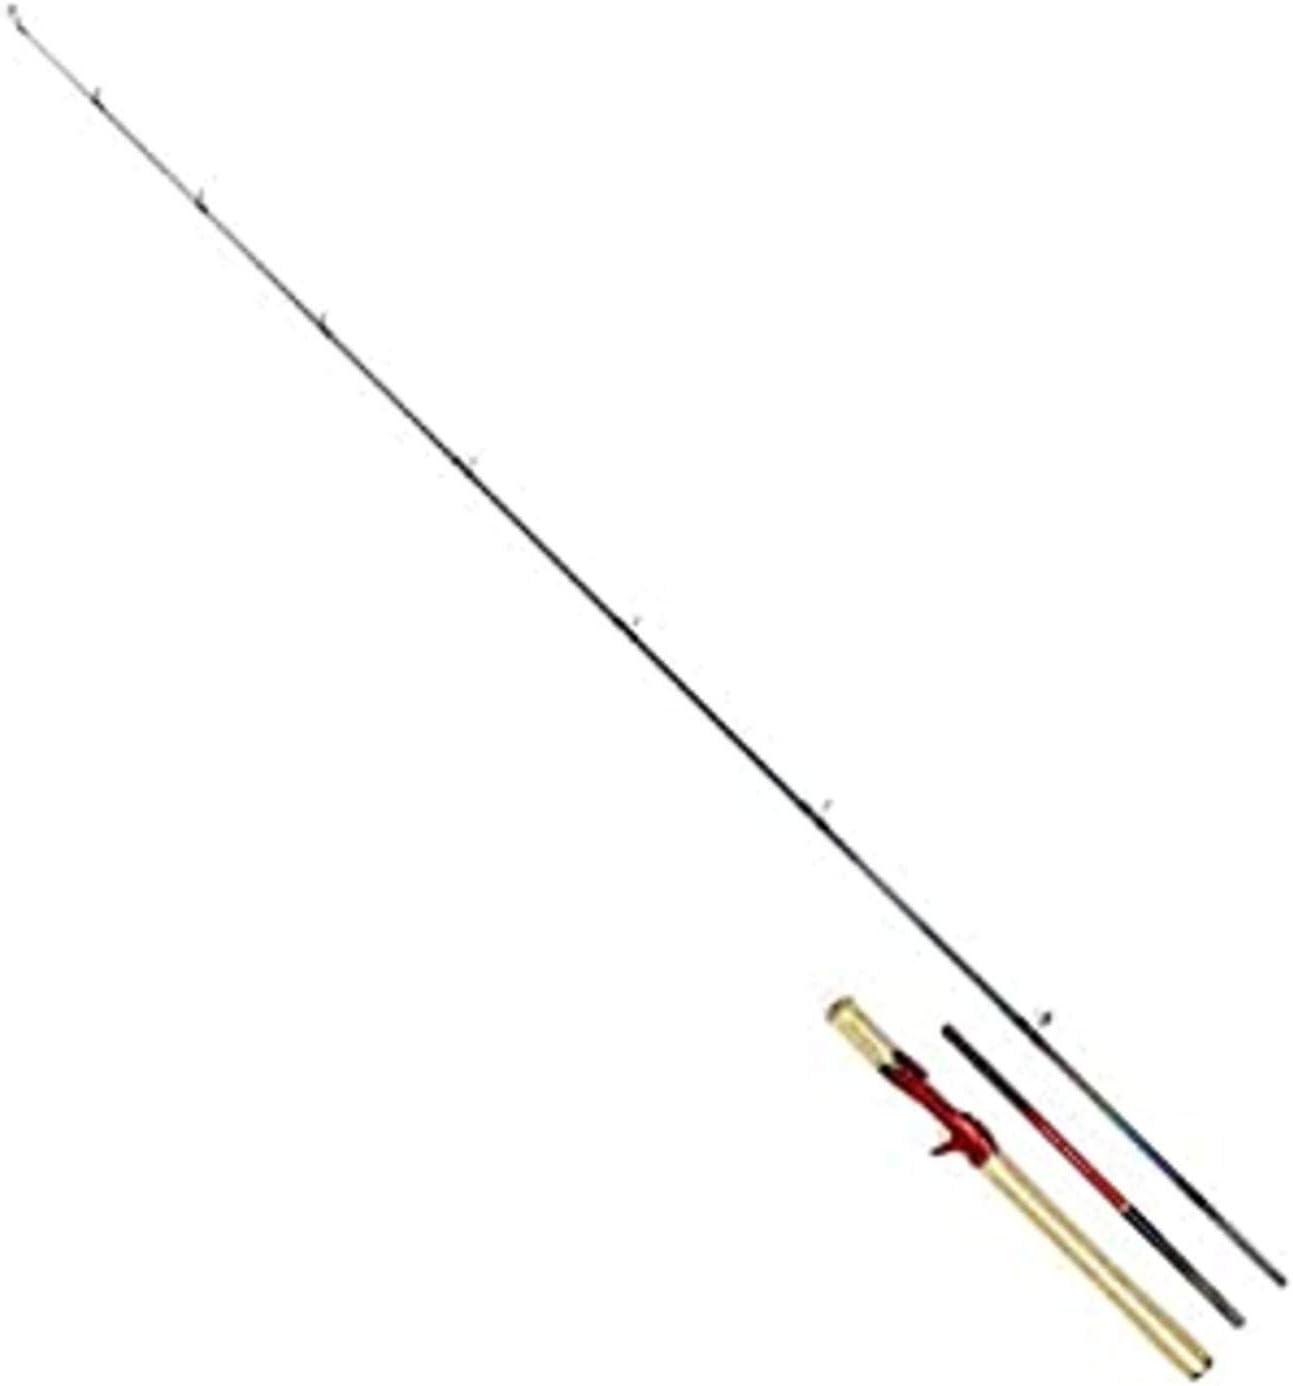 シマノ ワールドシャウラ 1651FF-3 マルチパーパス ライト